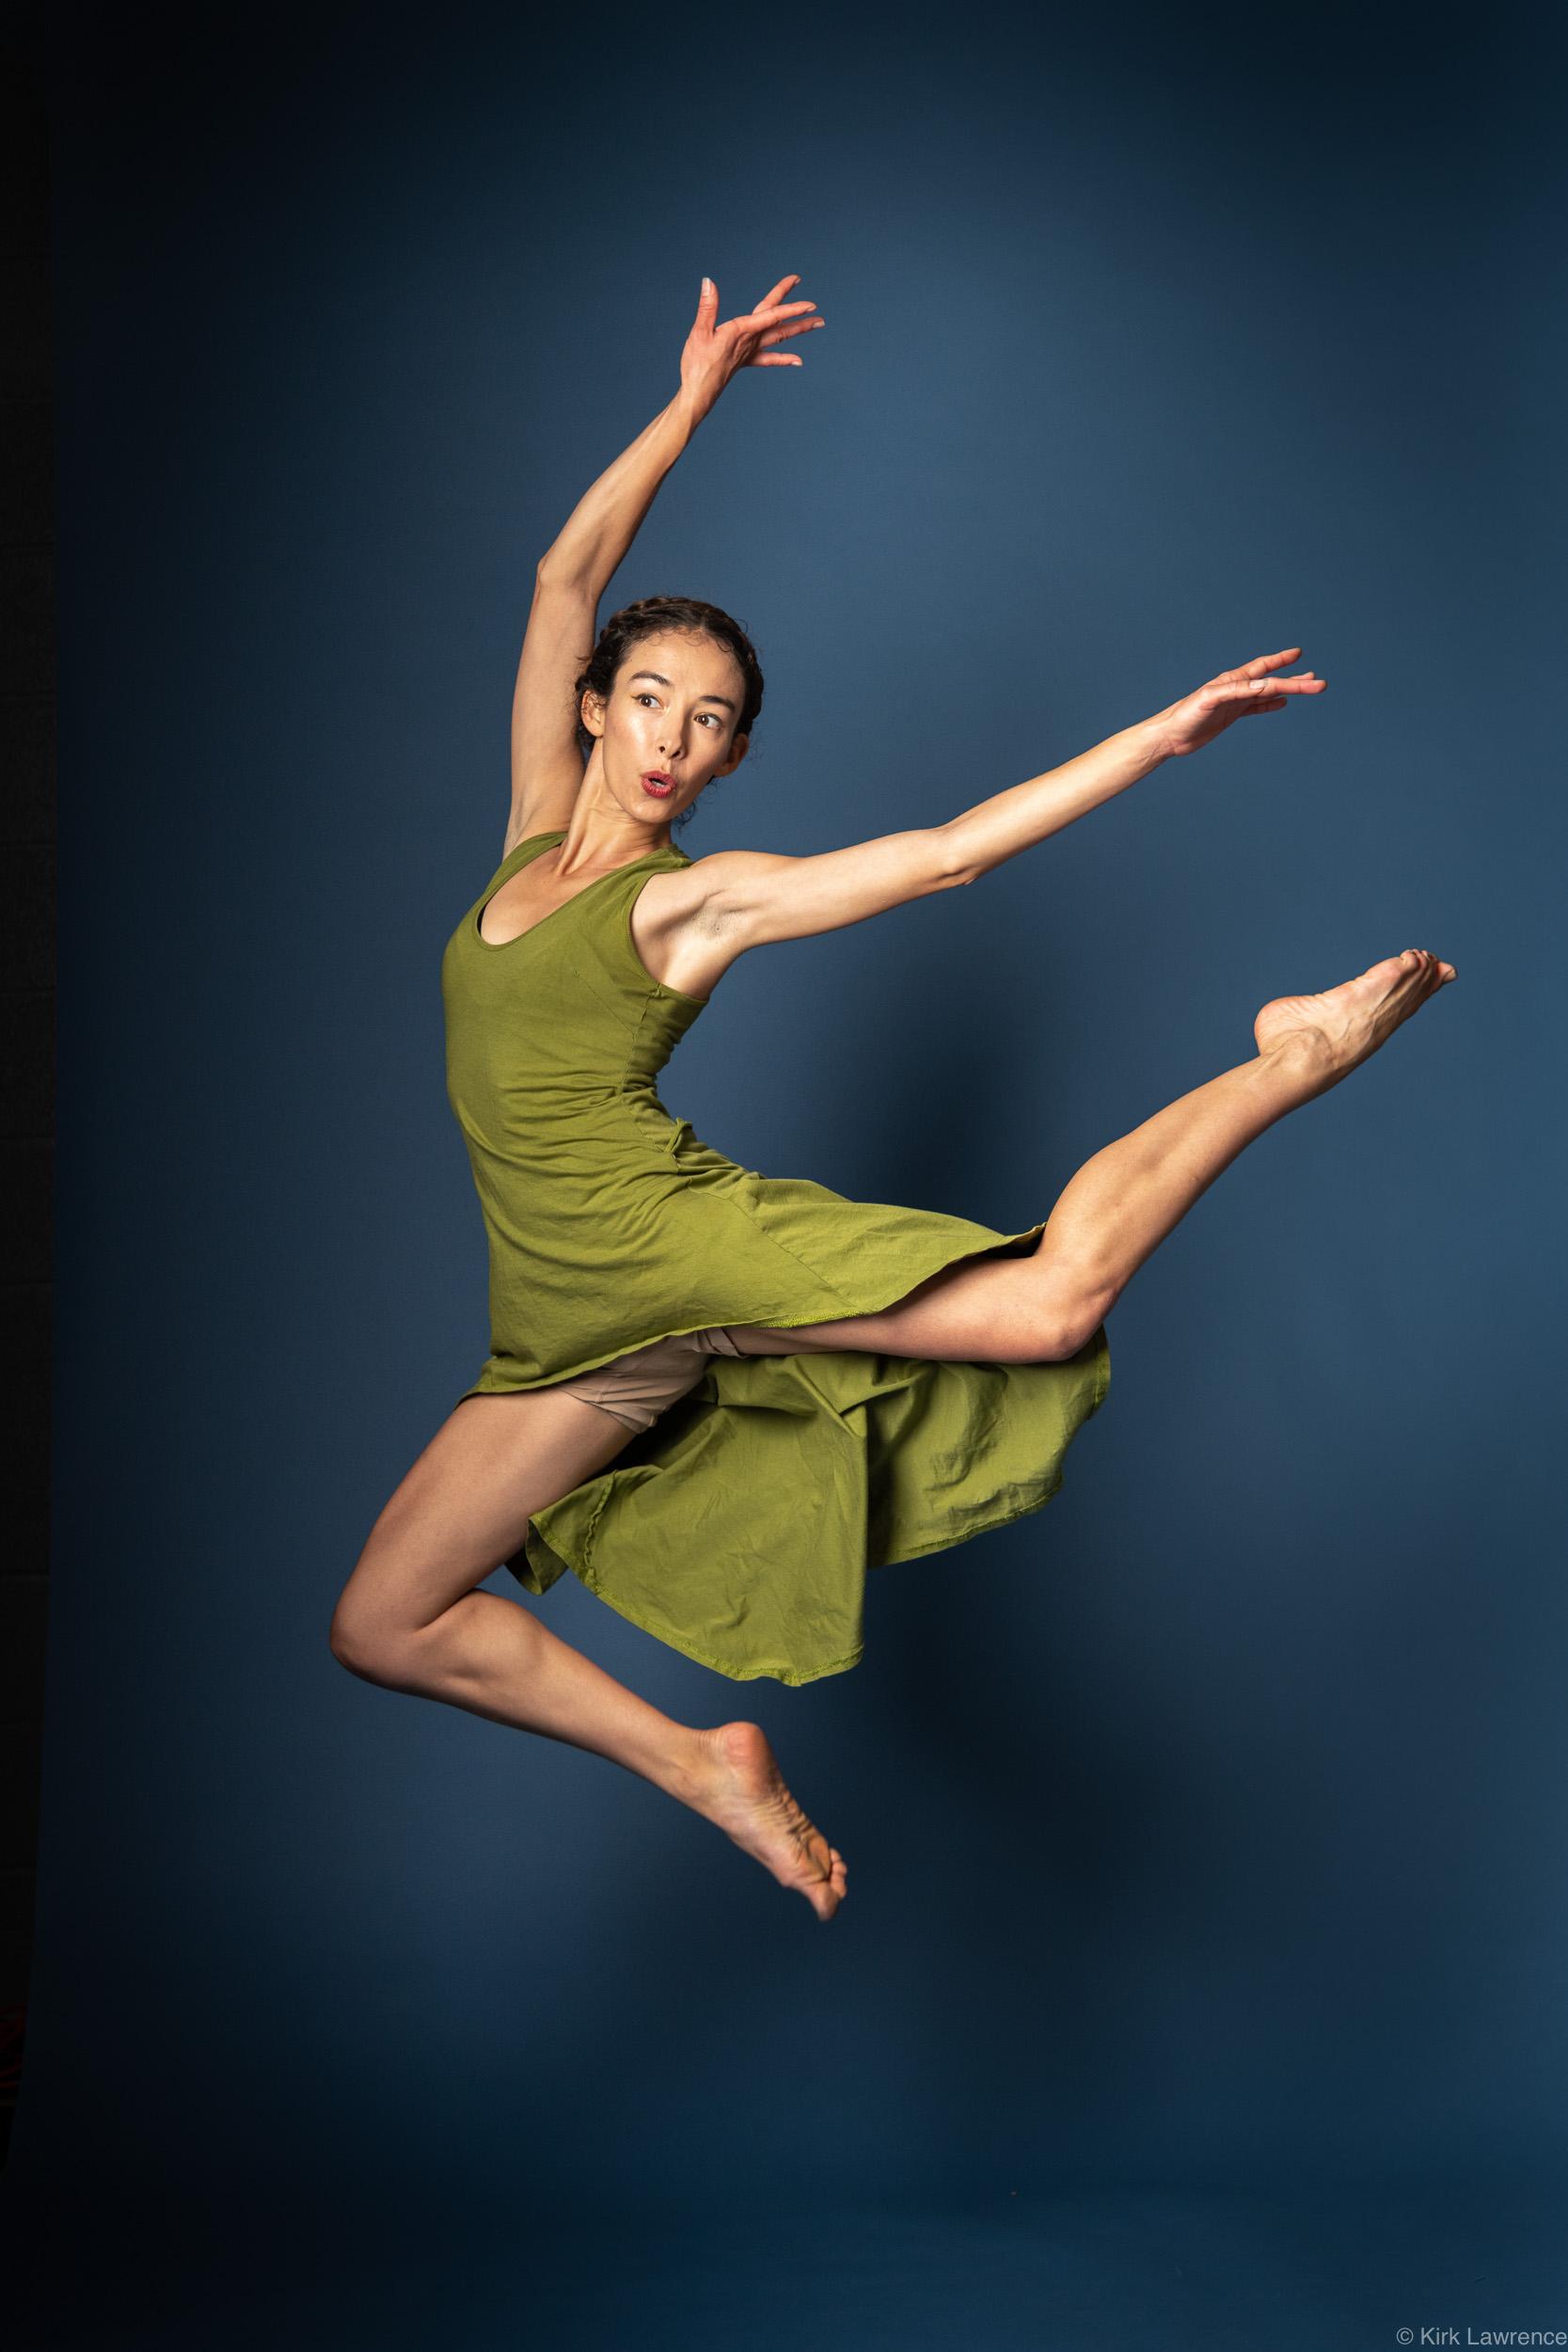 modern_dancer_jumping_green_dress_portrait.jpg